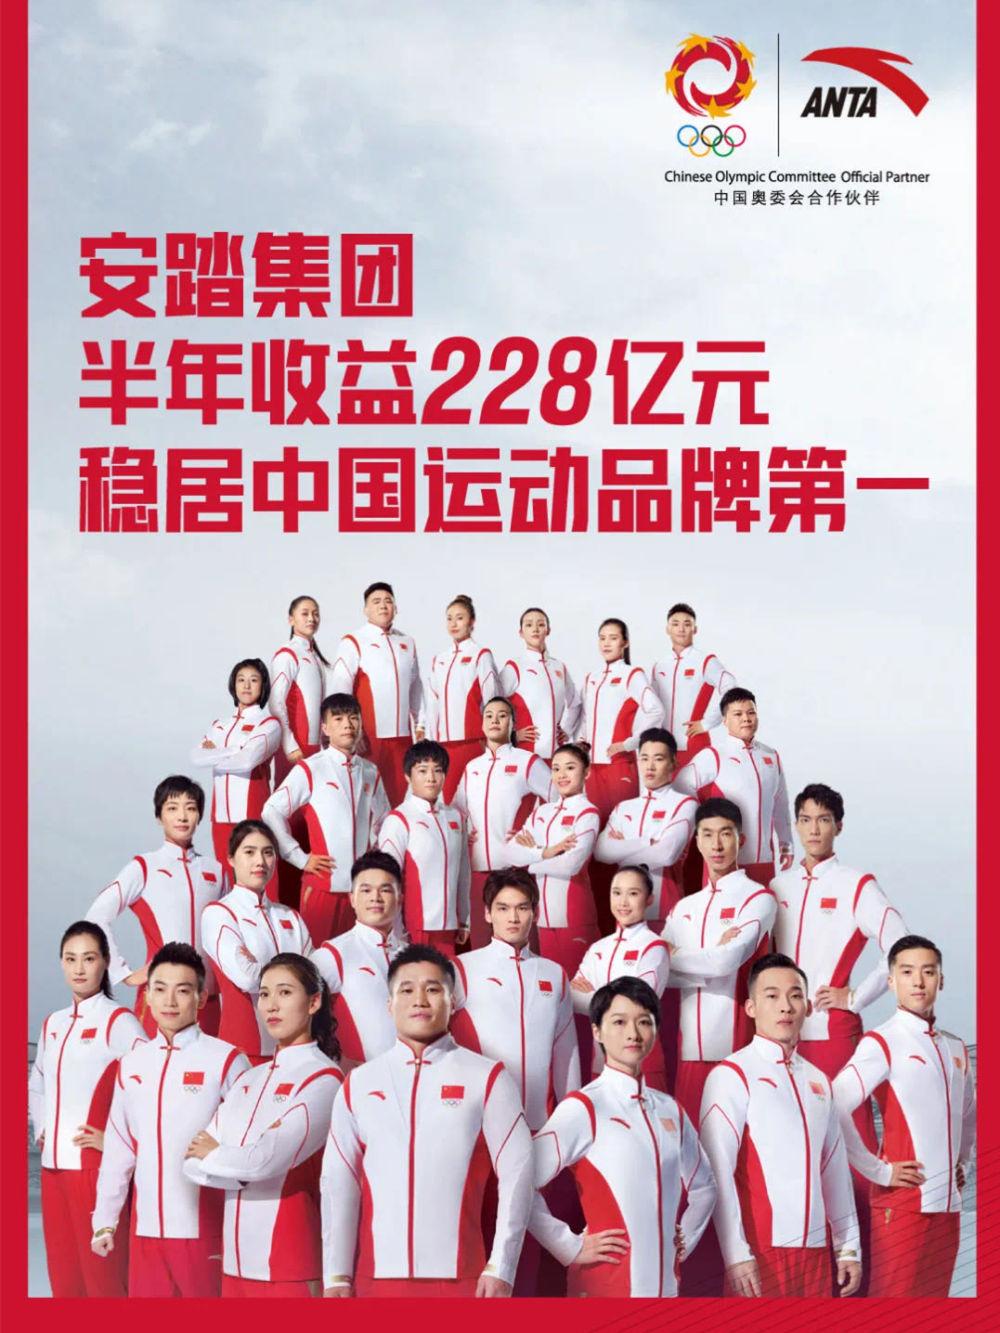 安踏集团上半年收益超228亿元 再创国产体育品牌新高